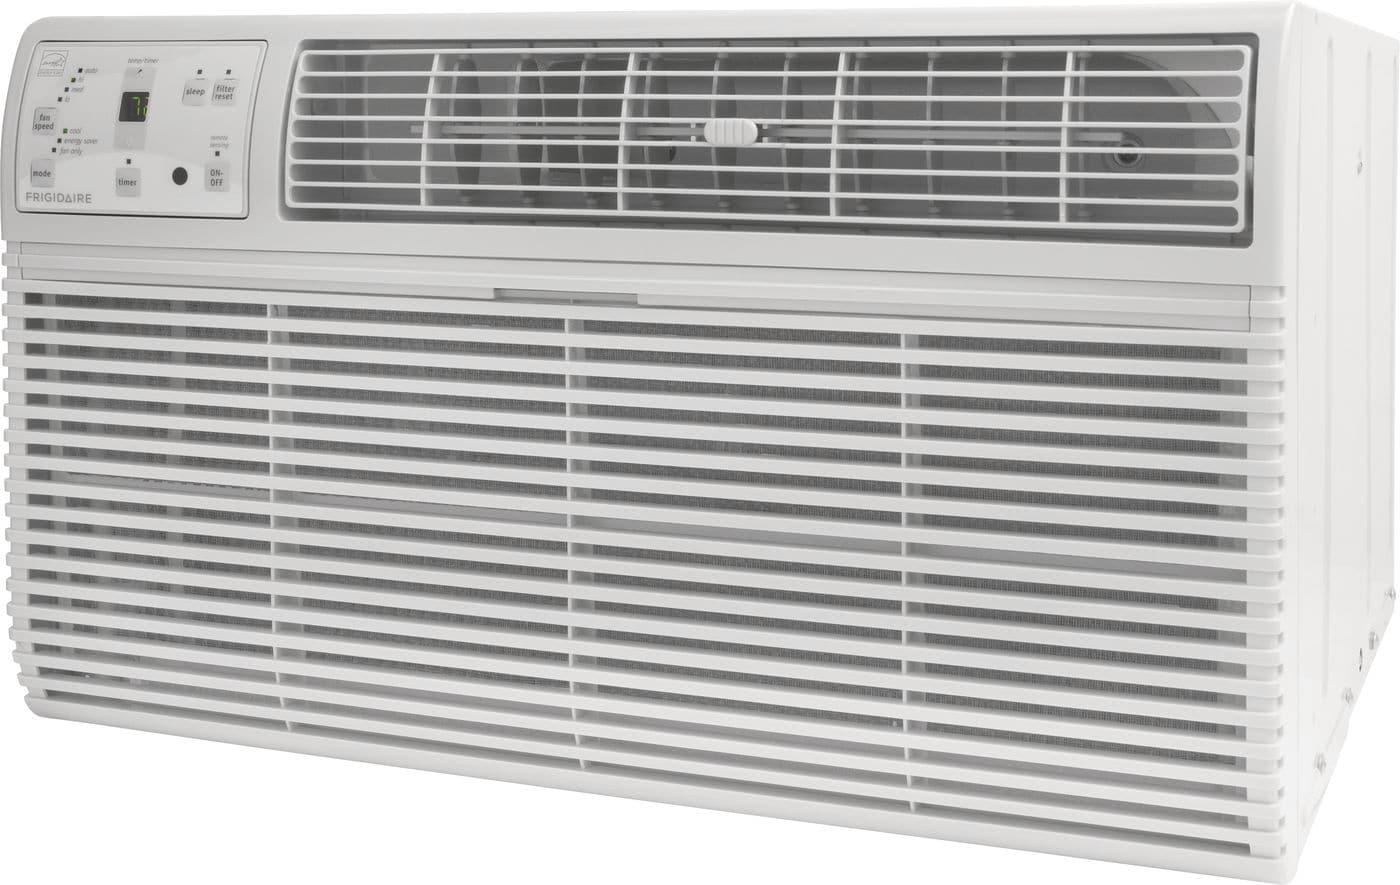 Model: FFTA0833Q1 | Frigidaire 8,000 BTU Built-In Room Air Conditioner